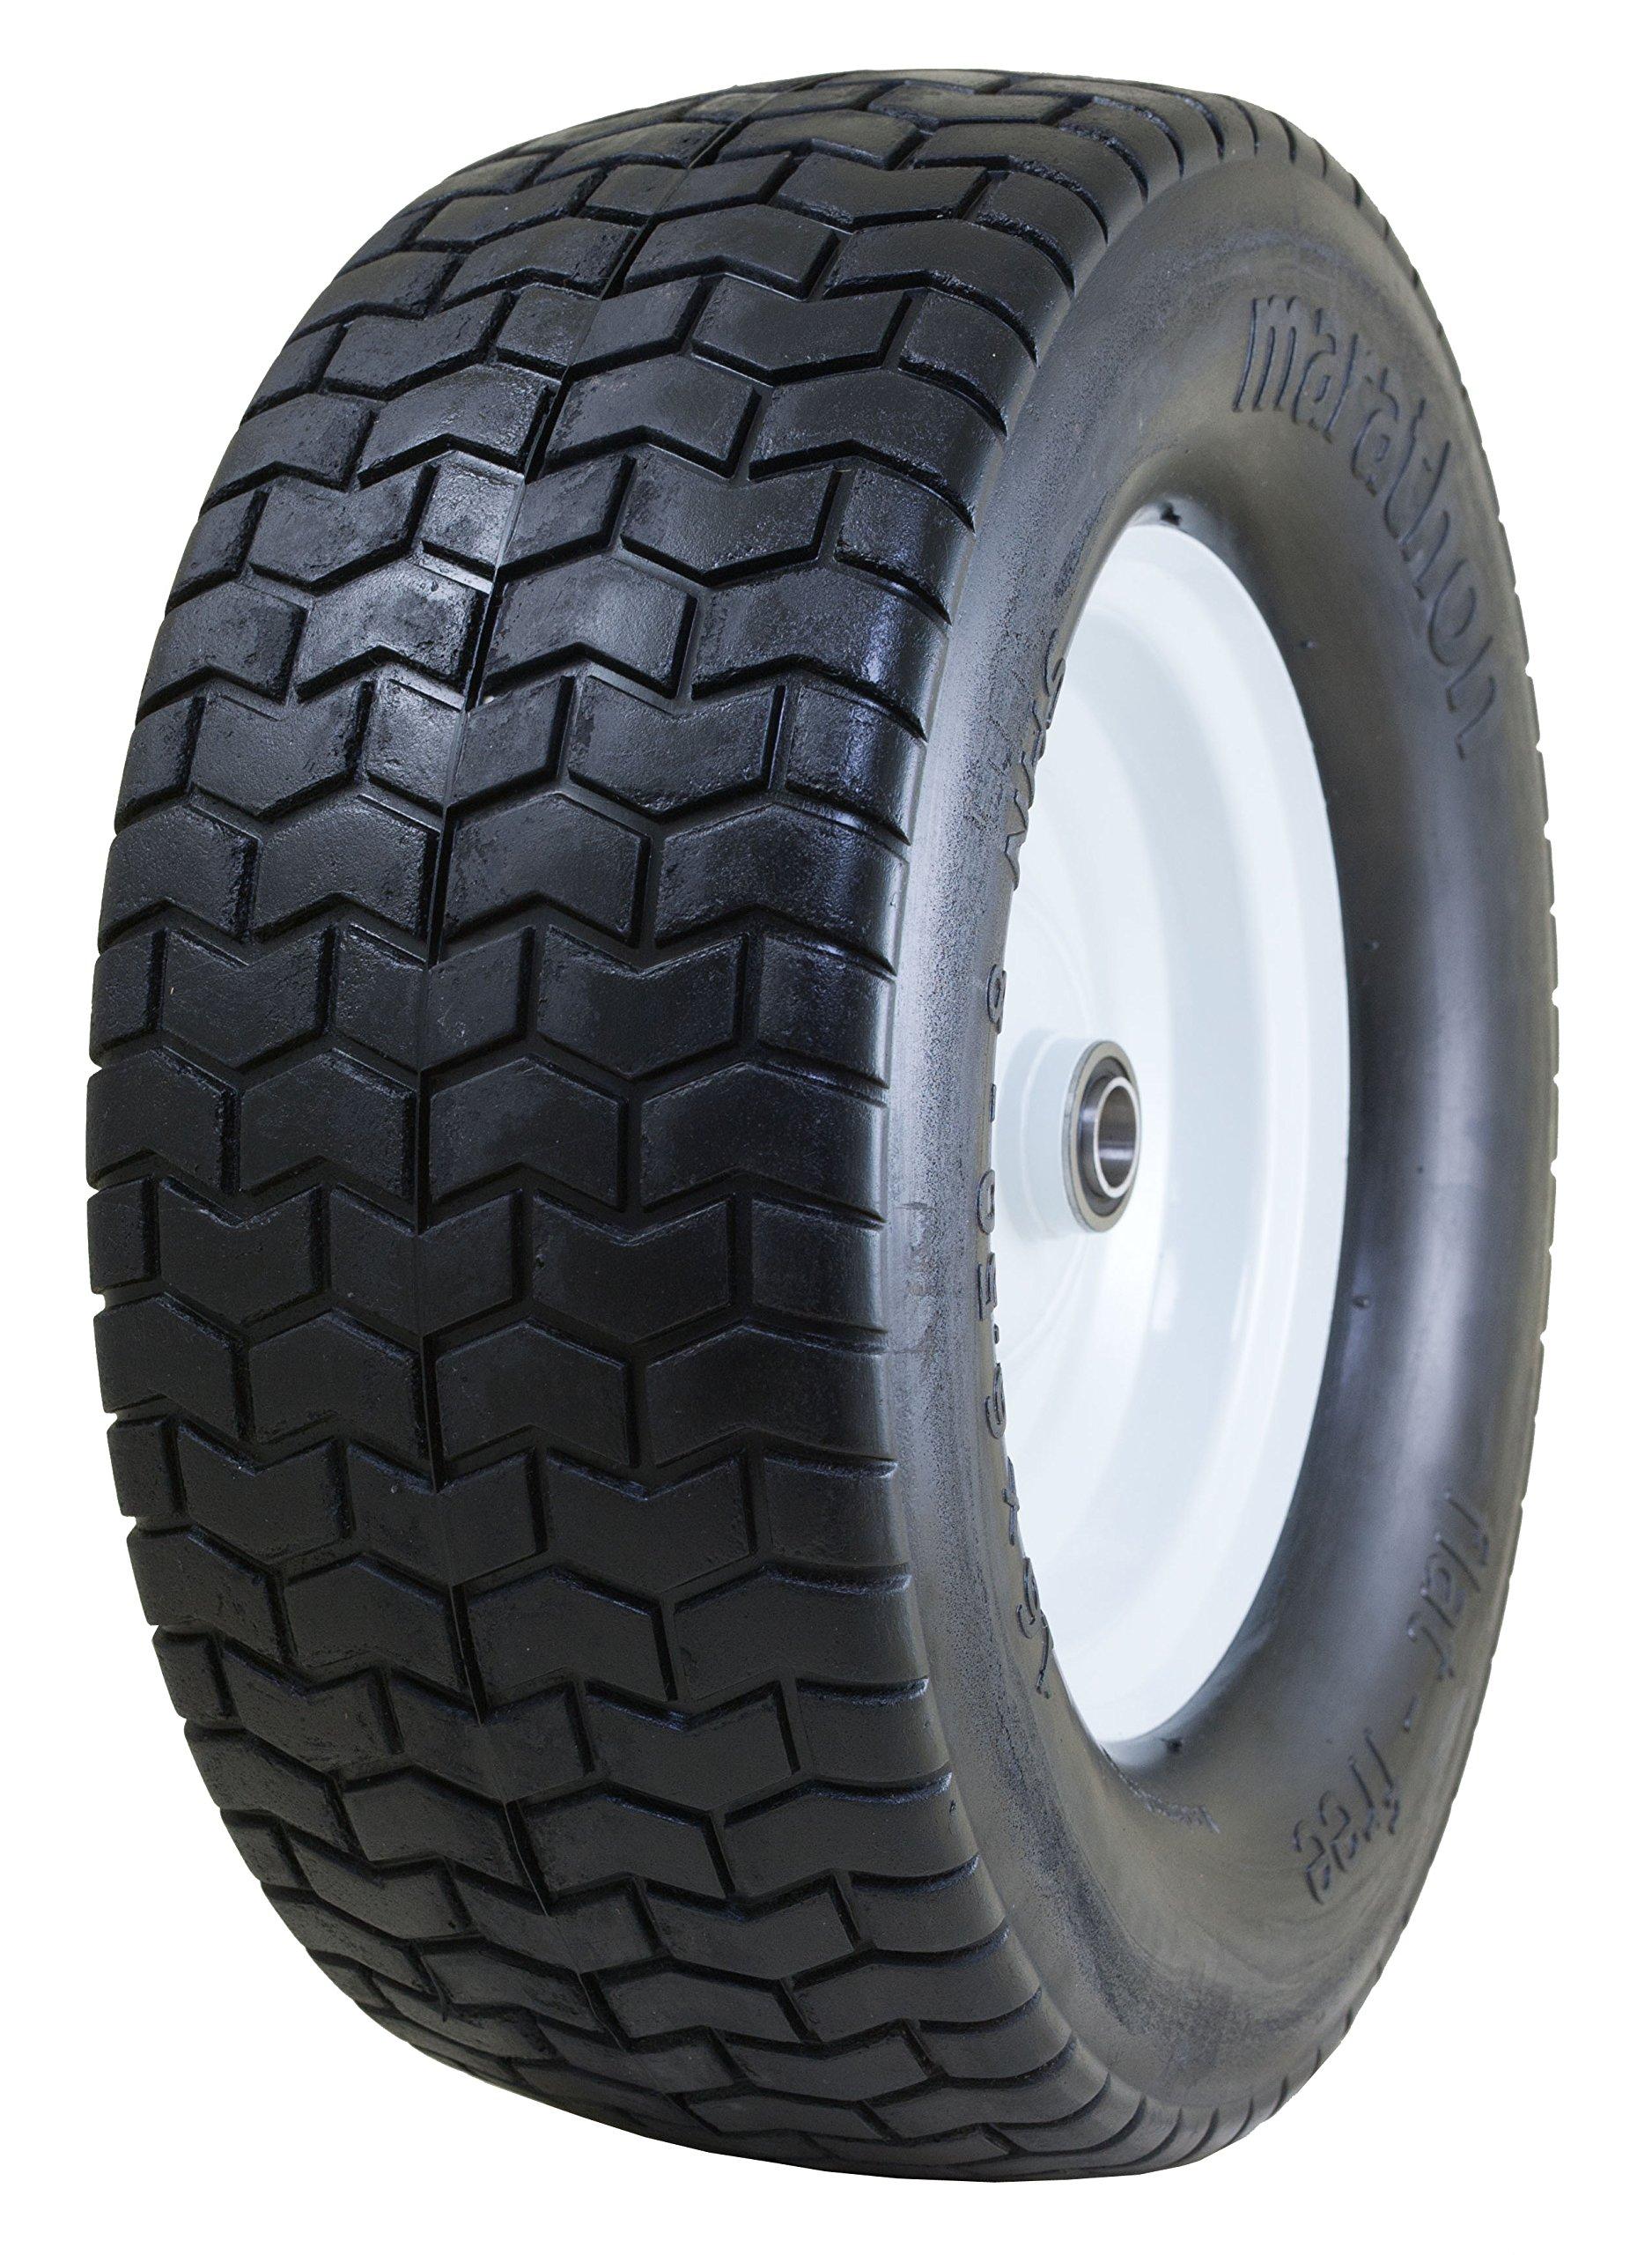 Marathon 16x6.50-8'' Flat Free Tire on Wheel, 3'' Hub, 3/4'' Bushings